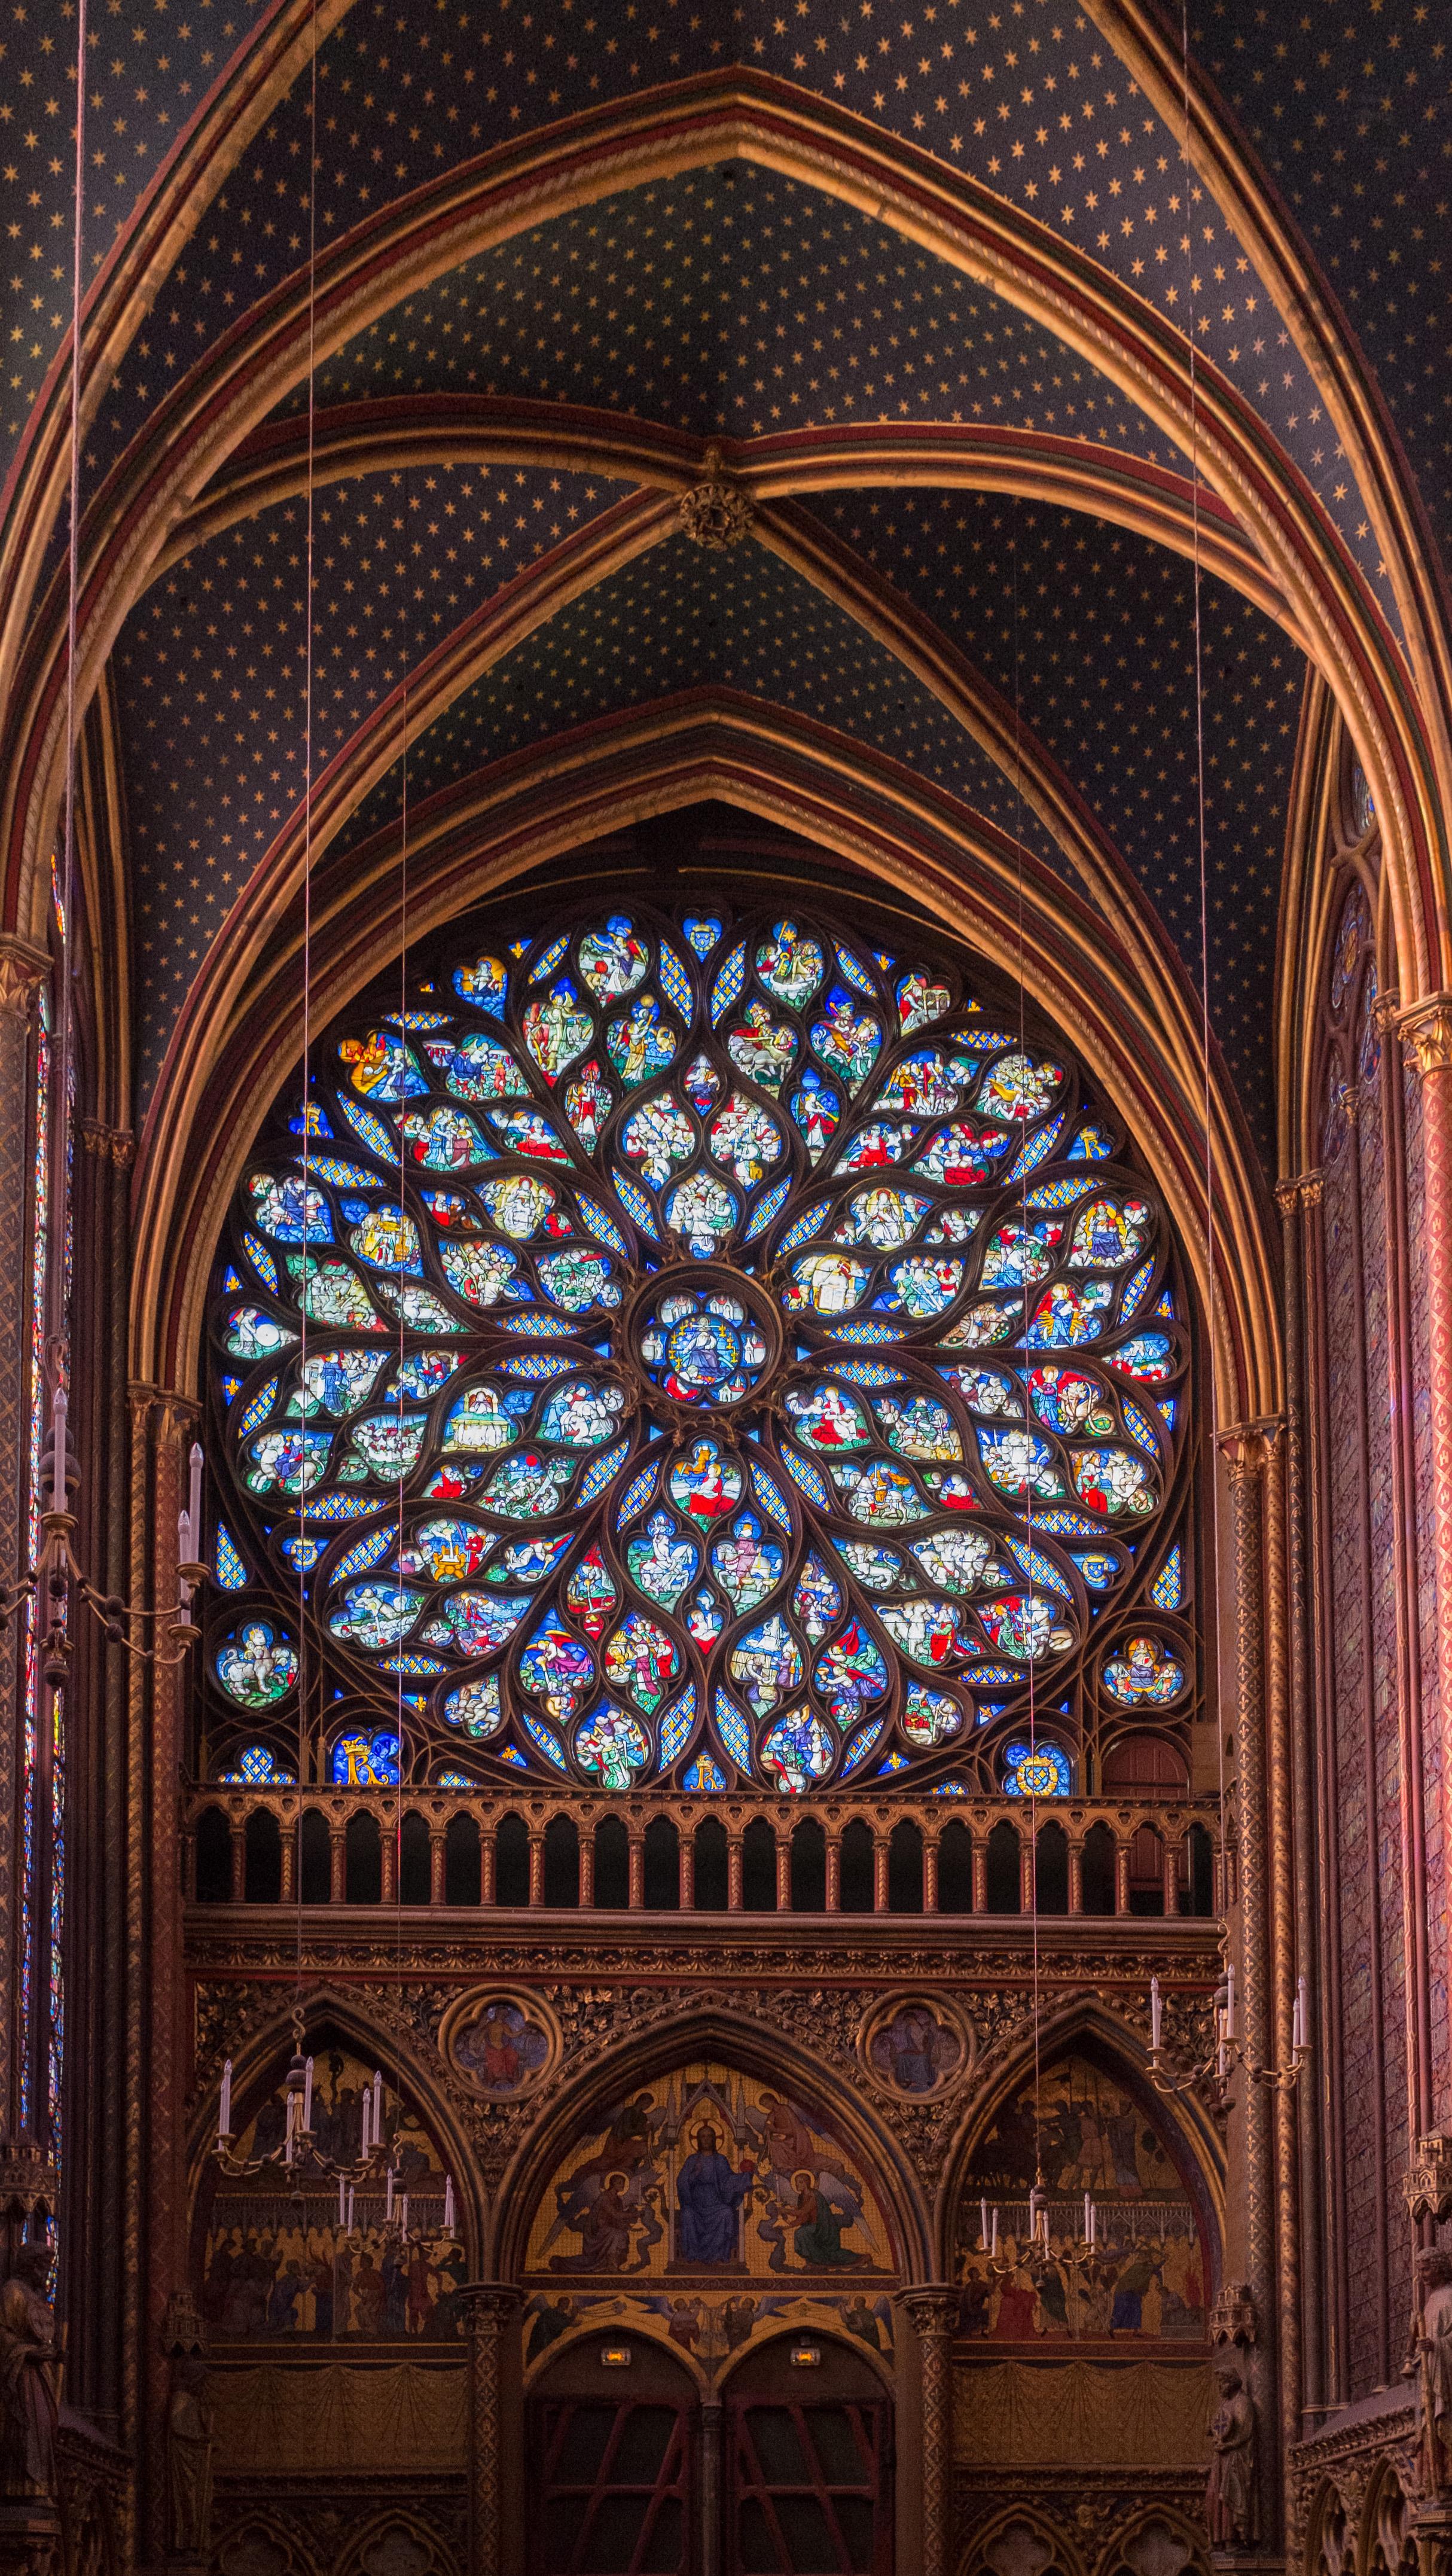 london-britian-cambridge-stmalo-mont-saint-michel-france-normandy-paris-114.jpg